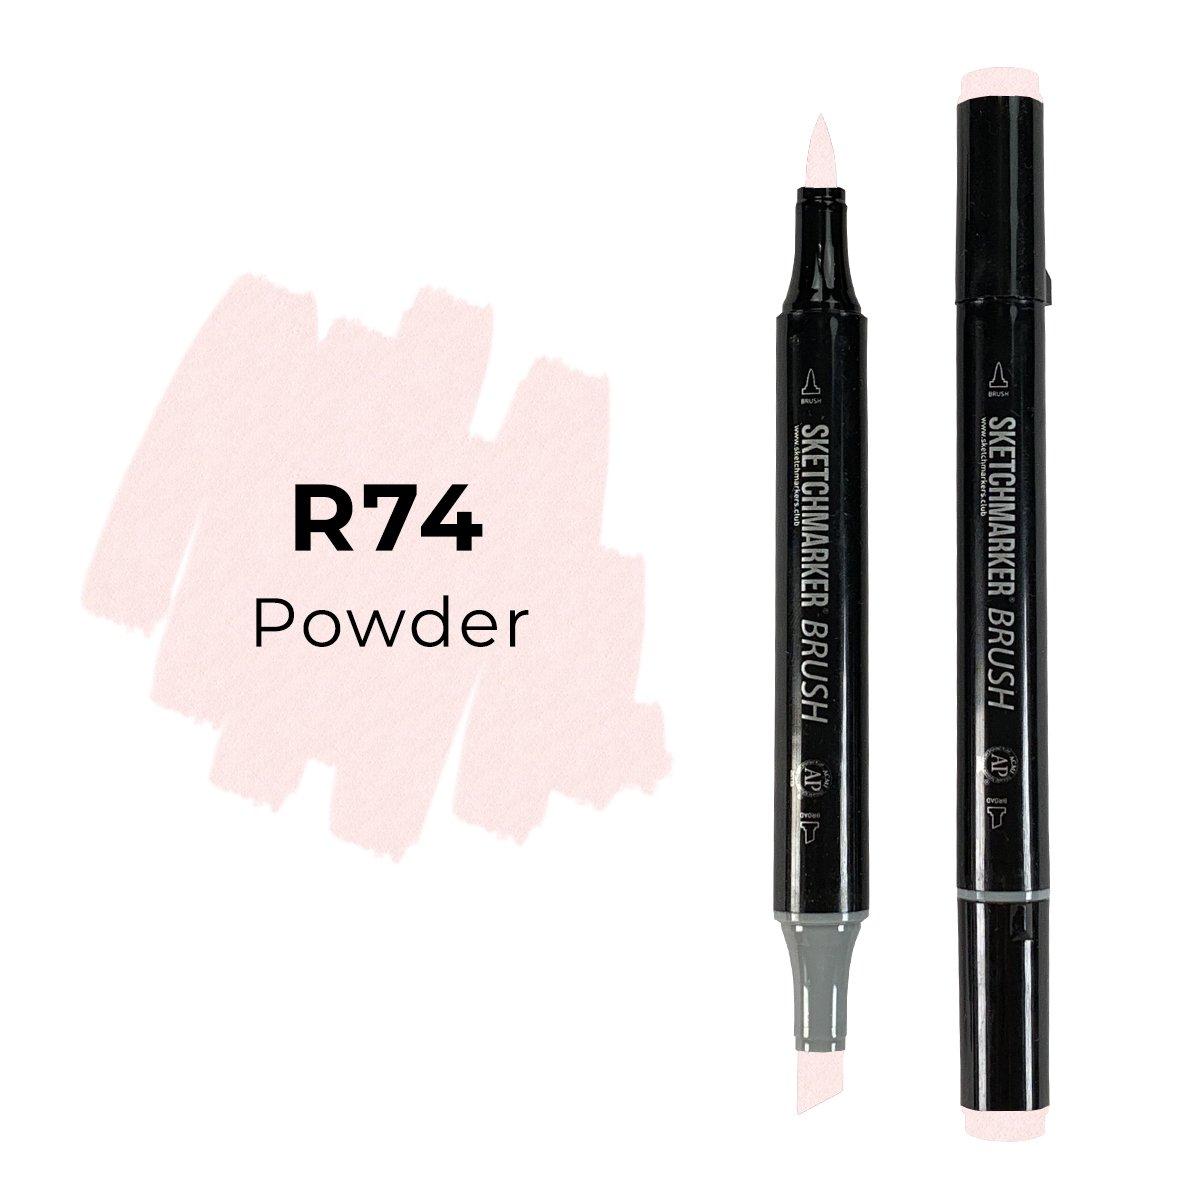 SKETCHMARKER BRUSH PRO Color: Powder